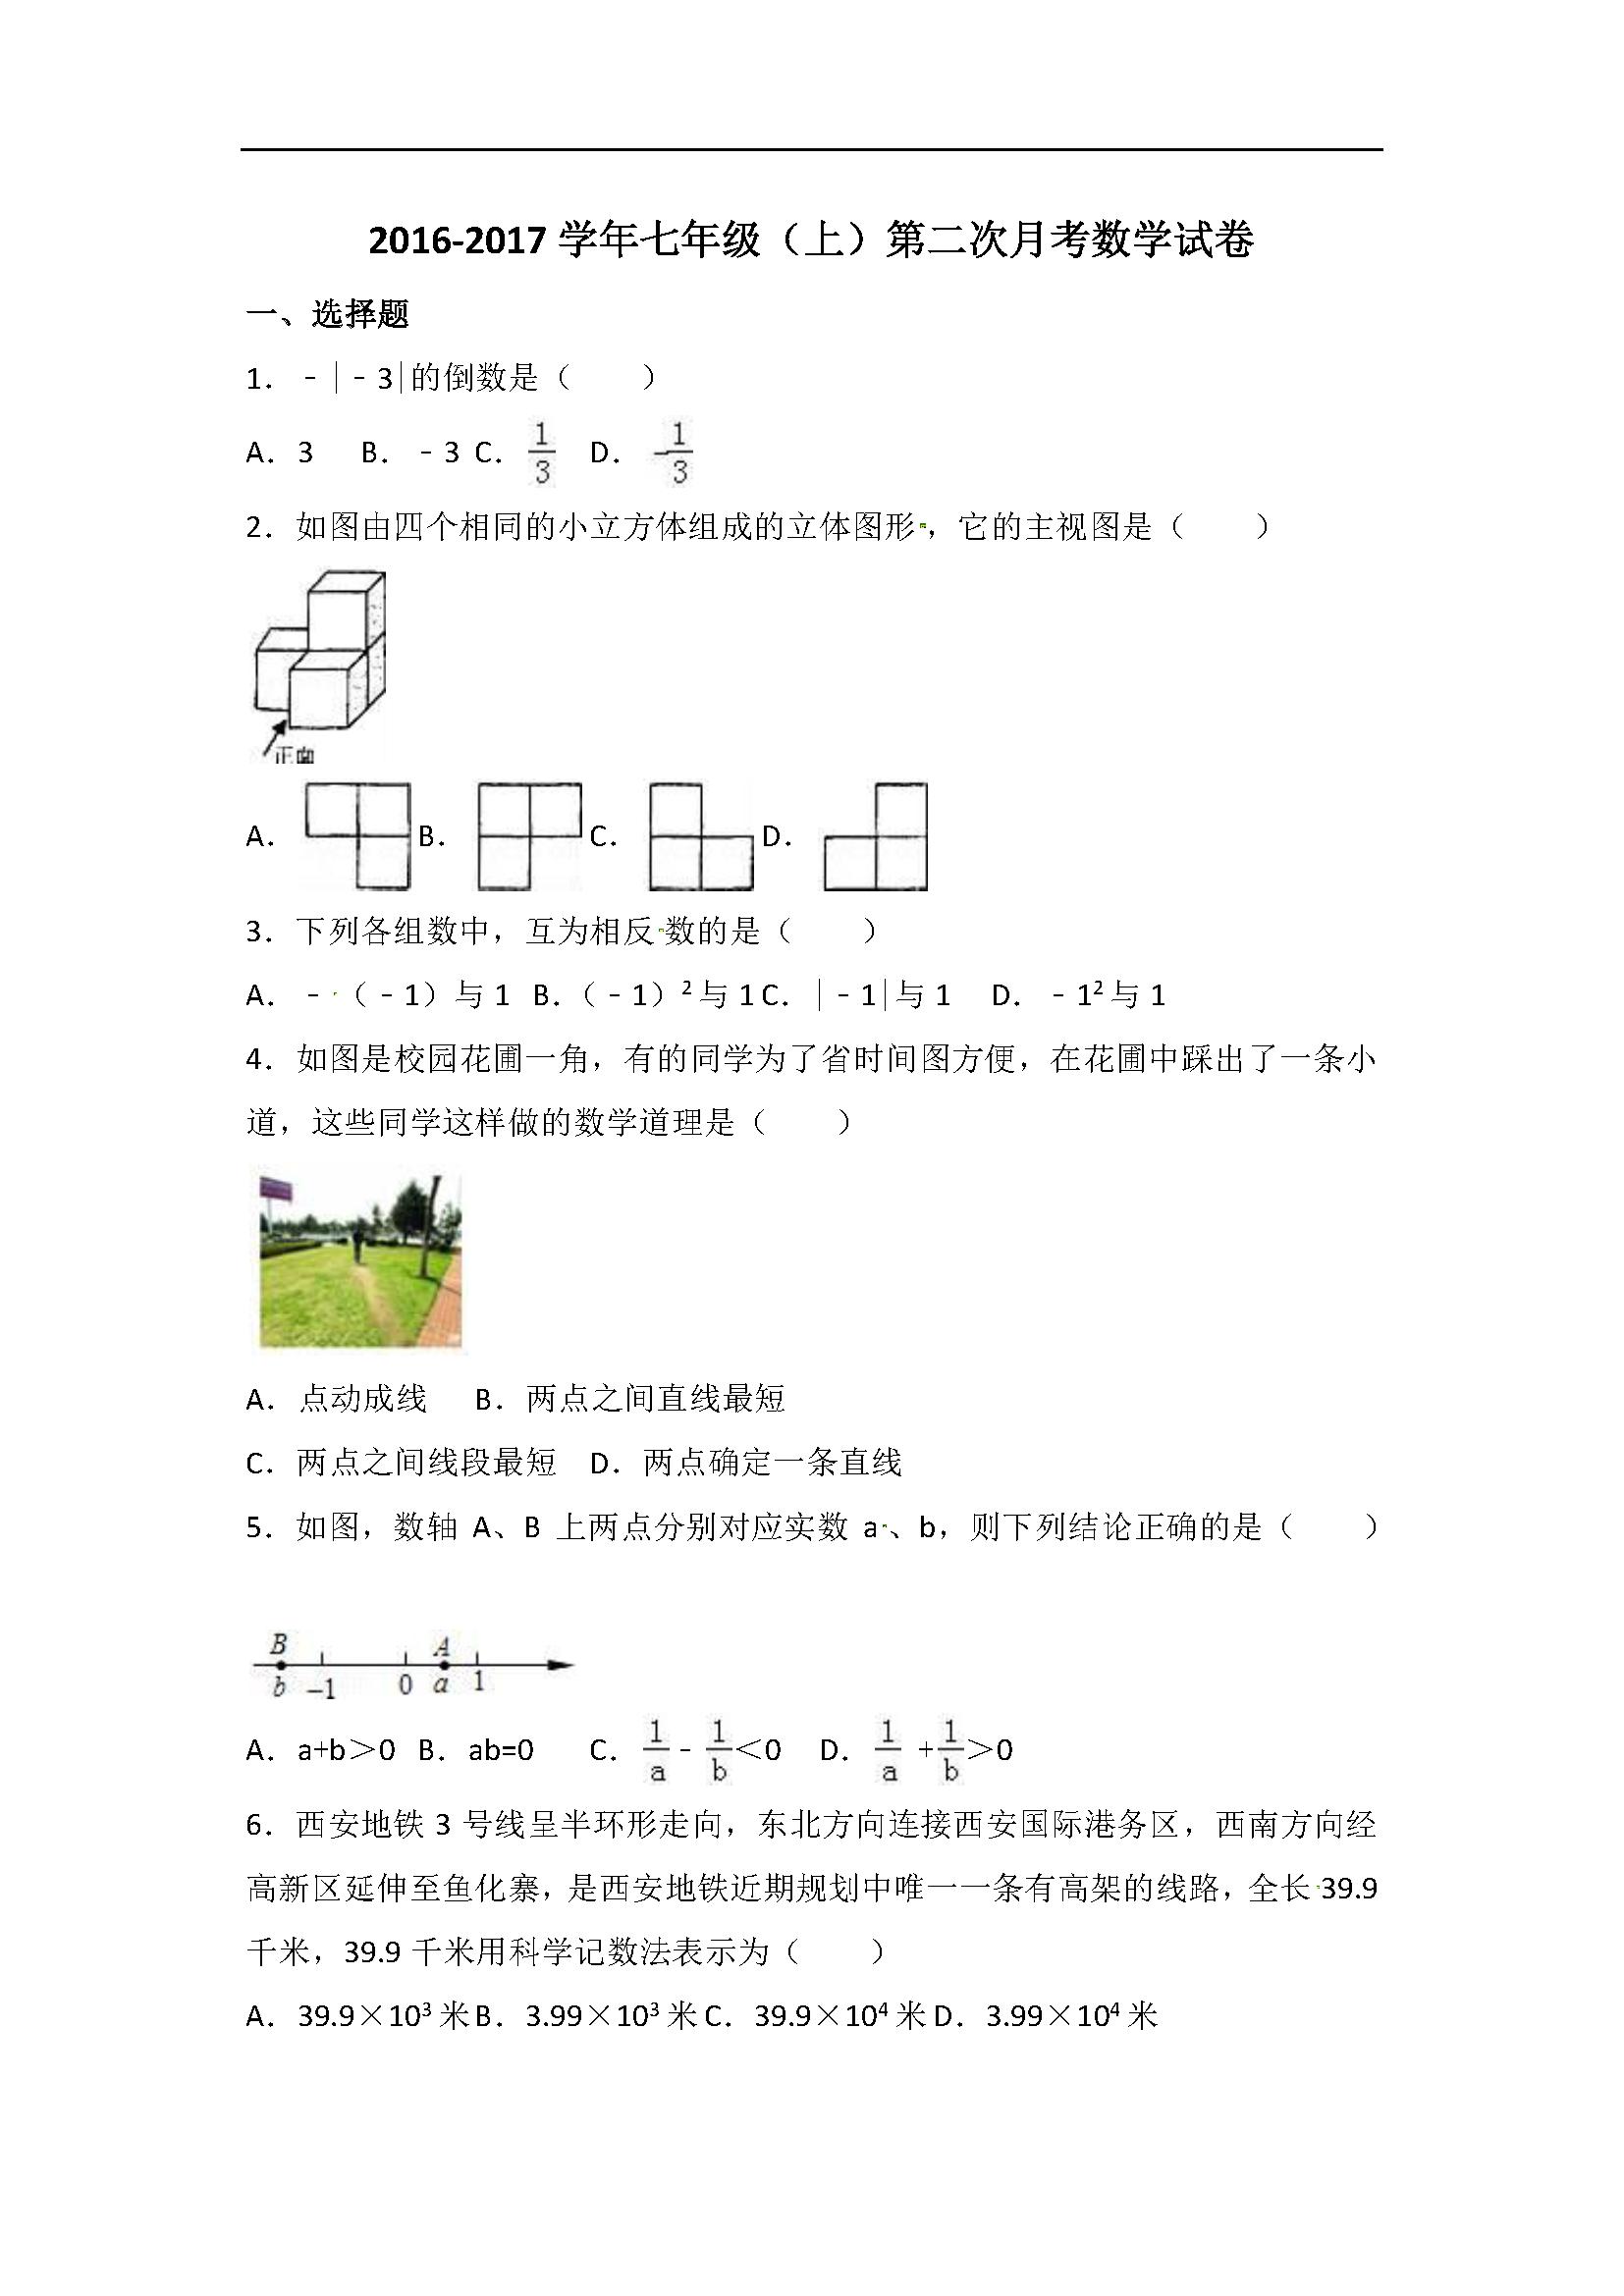 2017陕西咸阳七年级上第二次月考数学试卷(Word版)